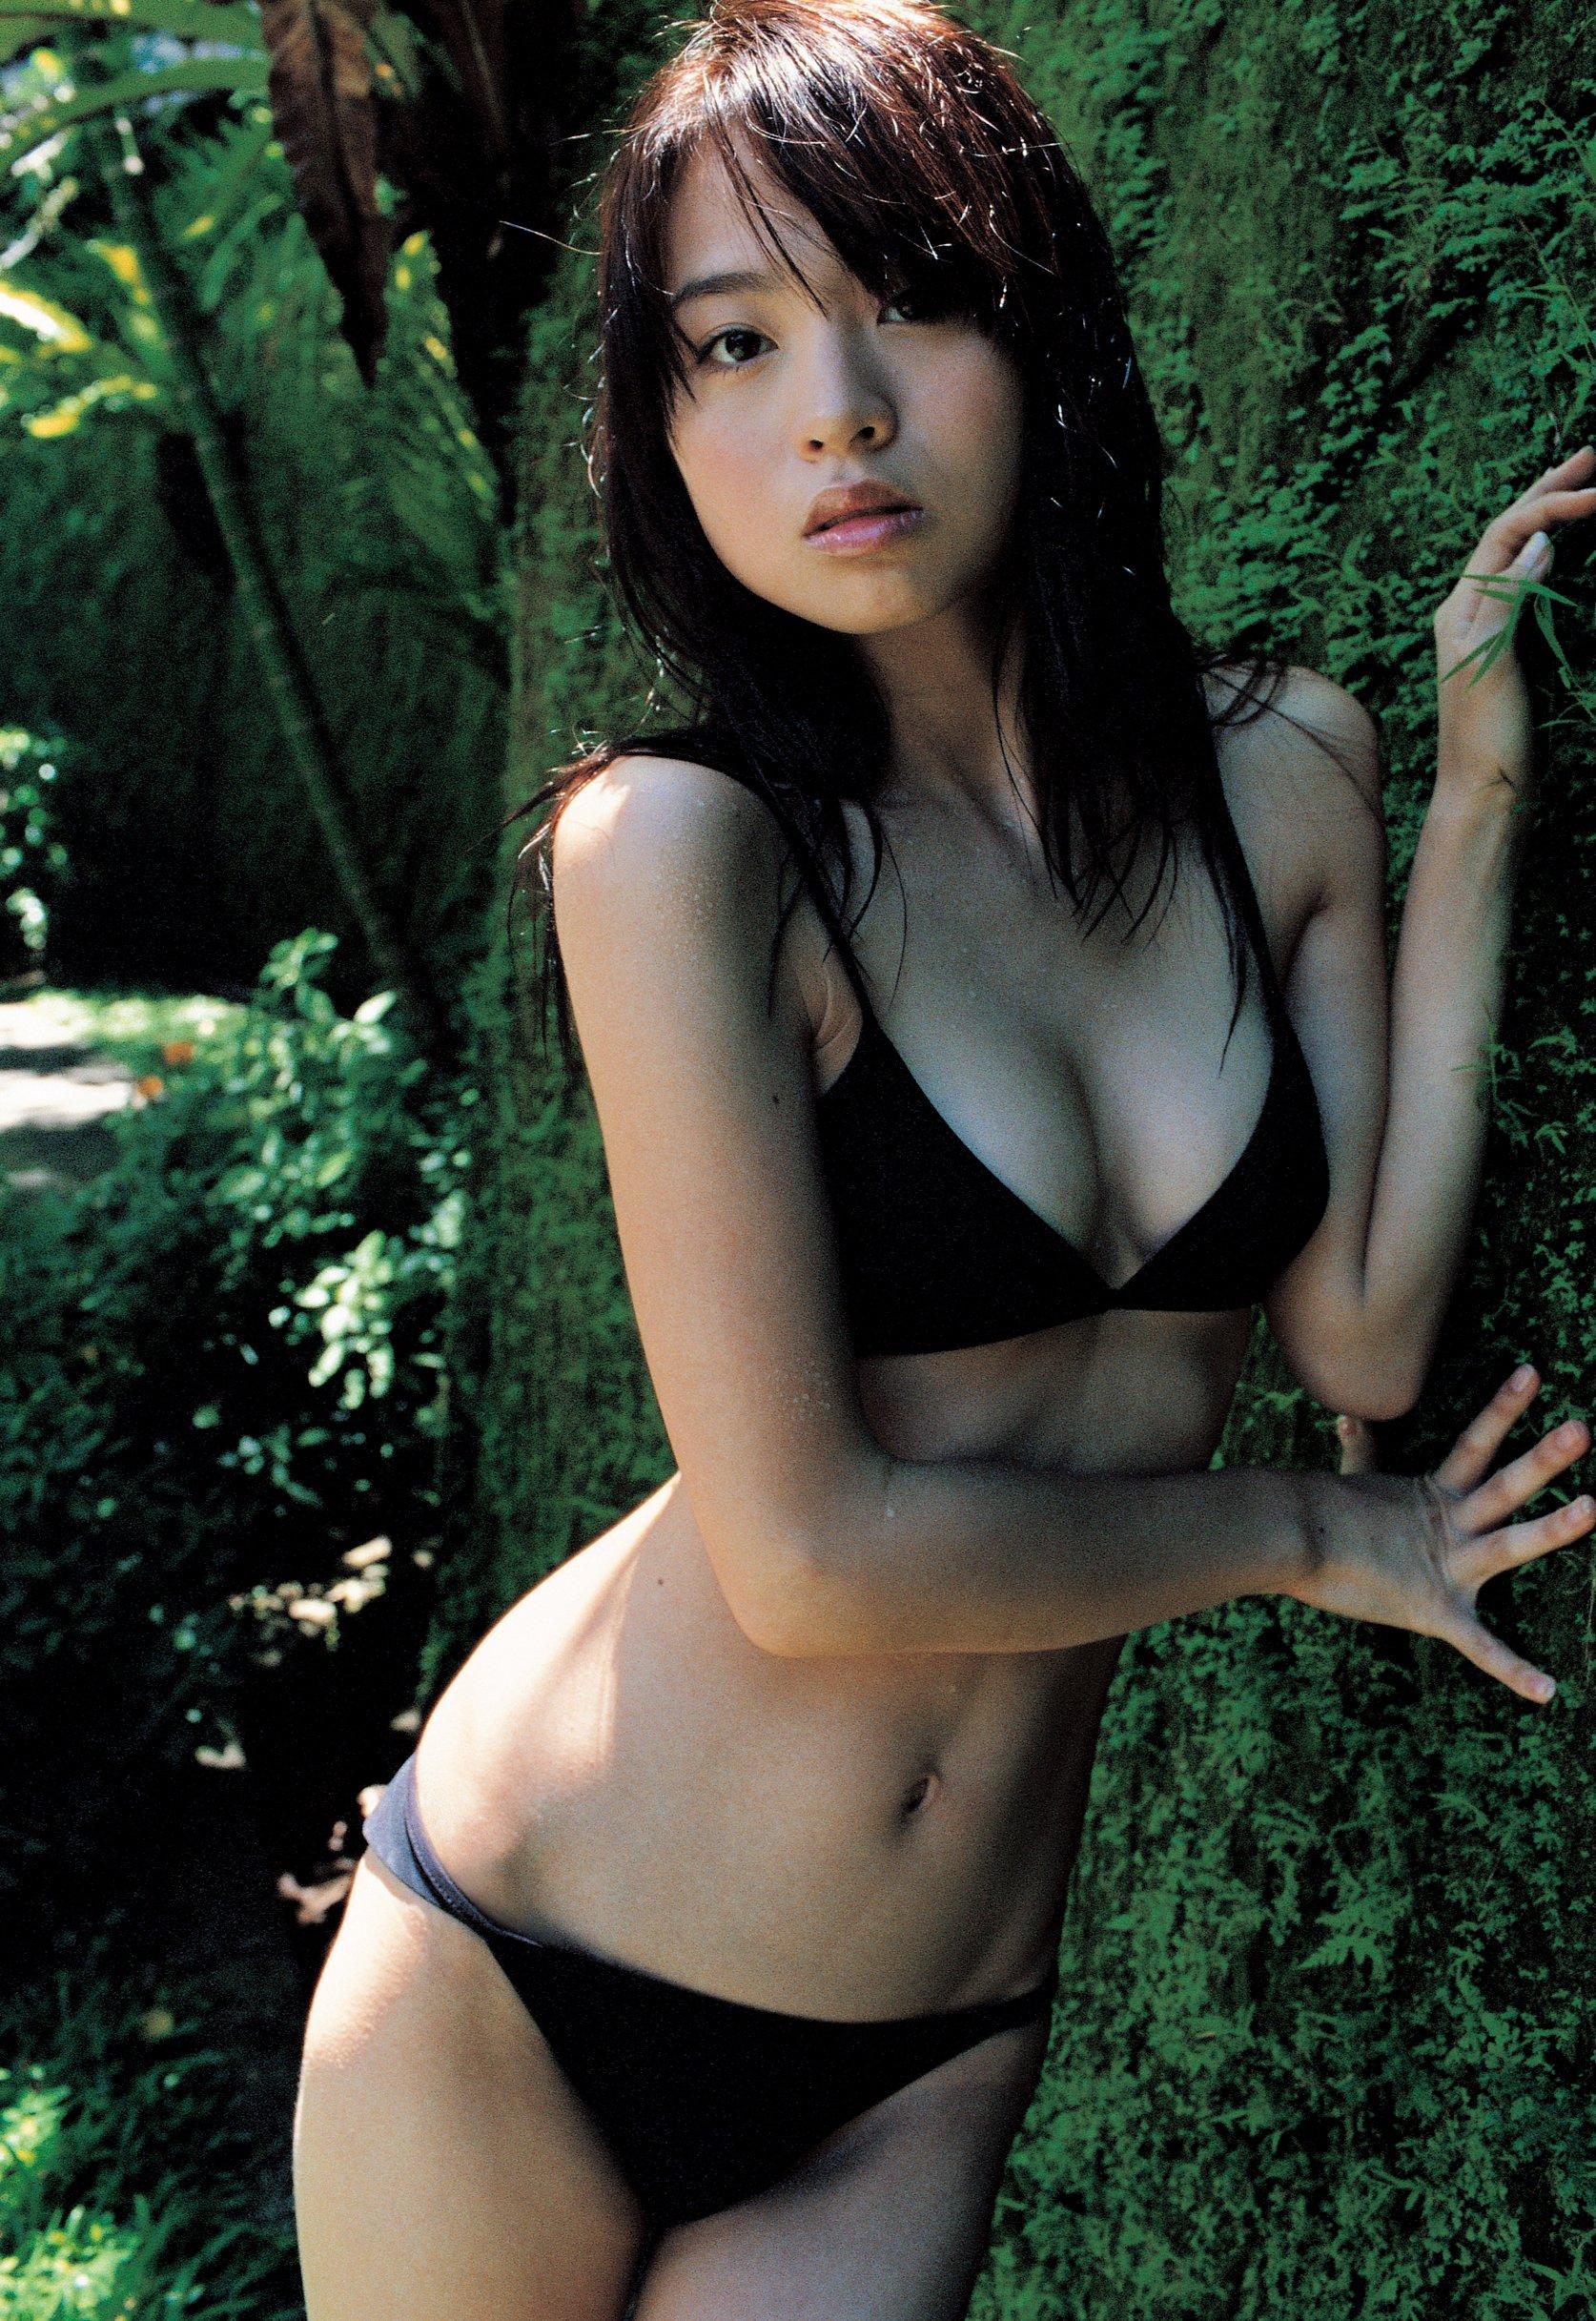 大谷澪さんのビキニ